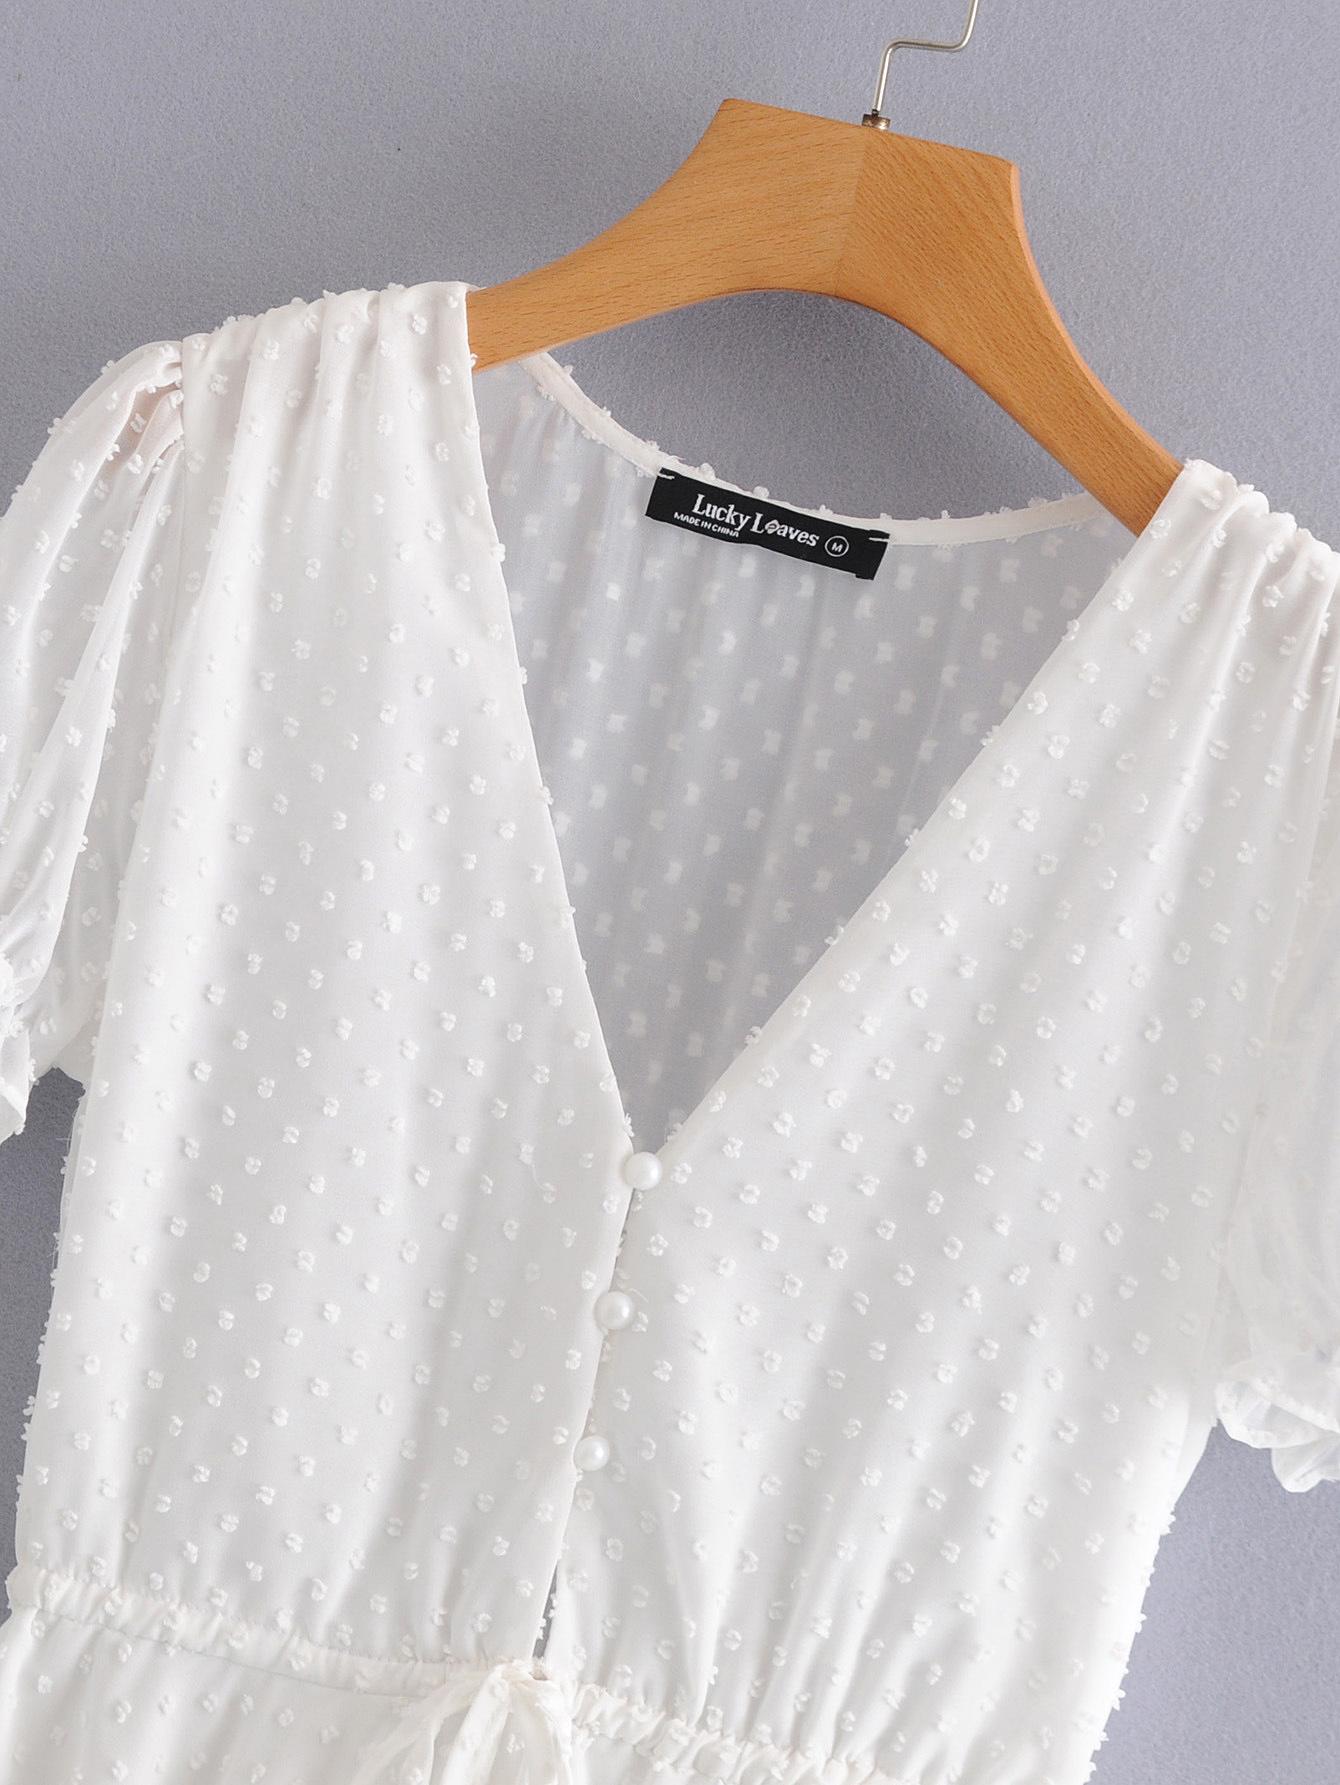 Polyester Fashionskirt(White-S) NHDS0689-White-S